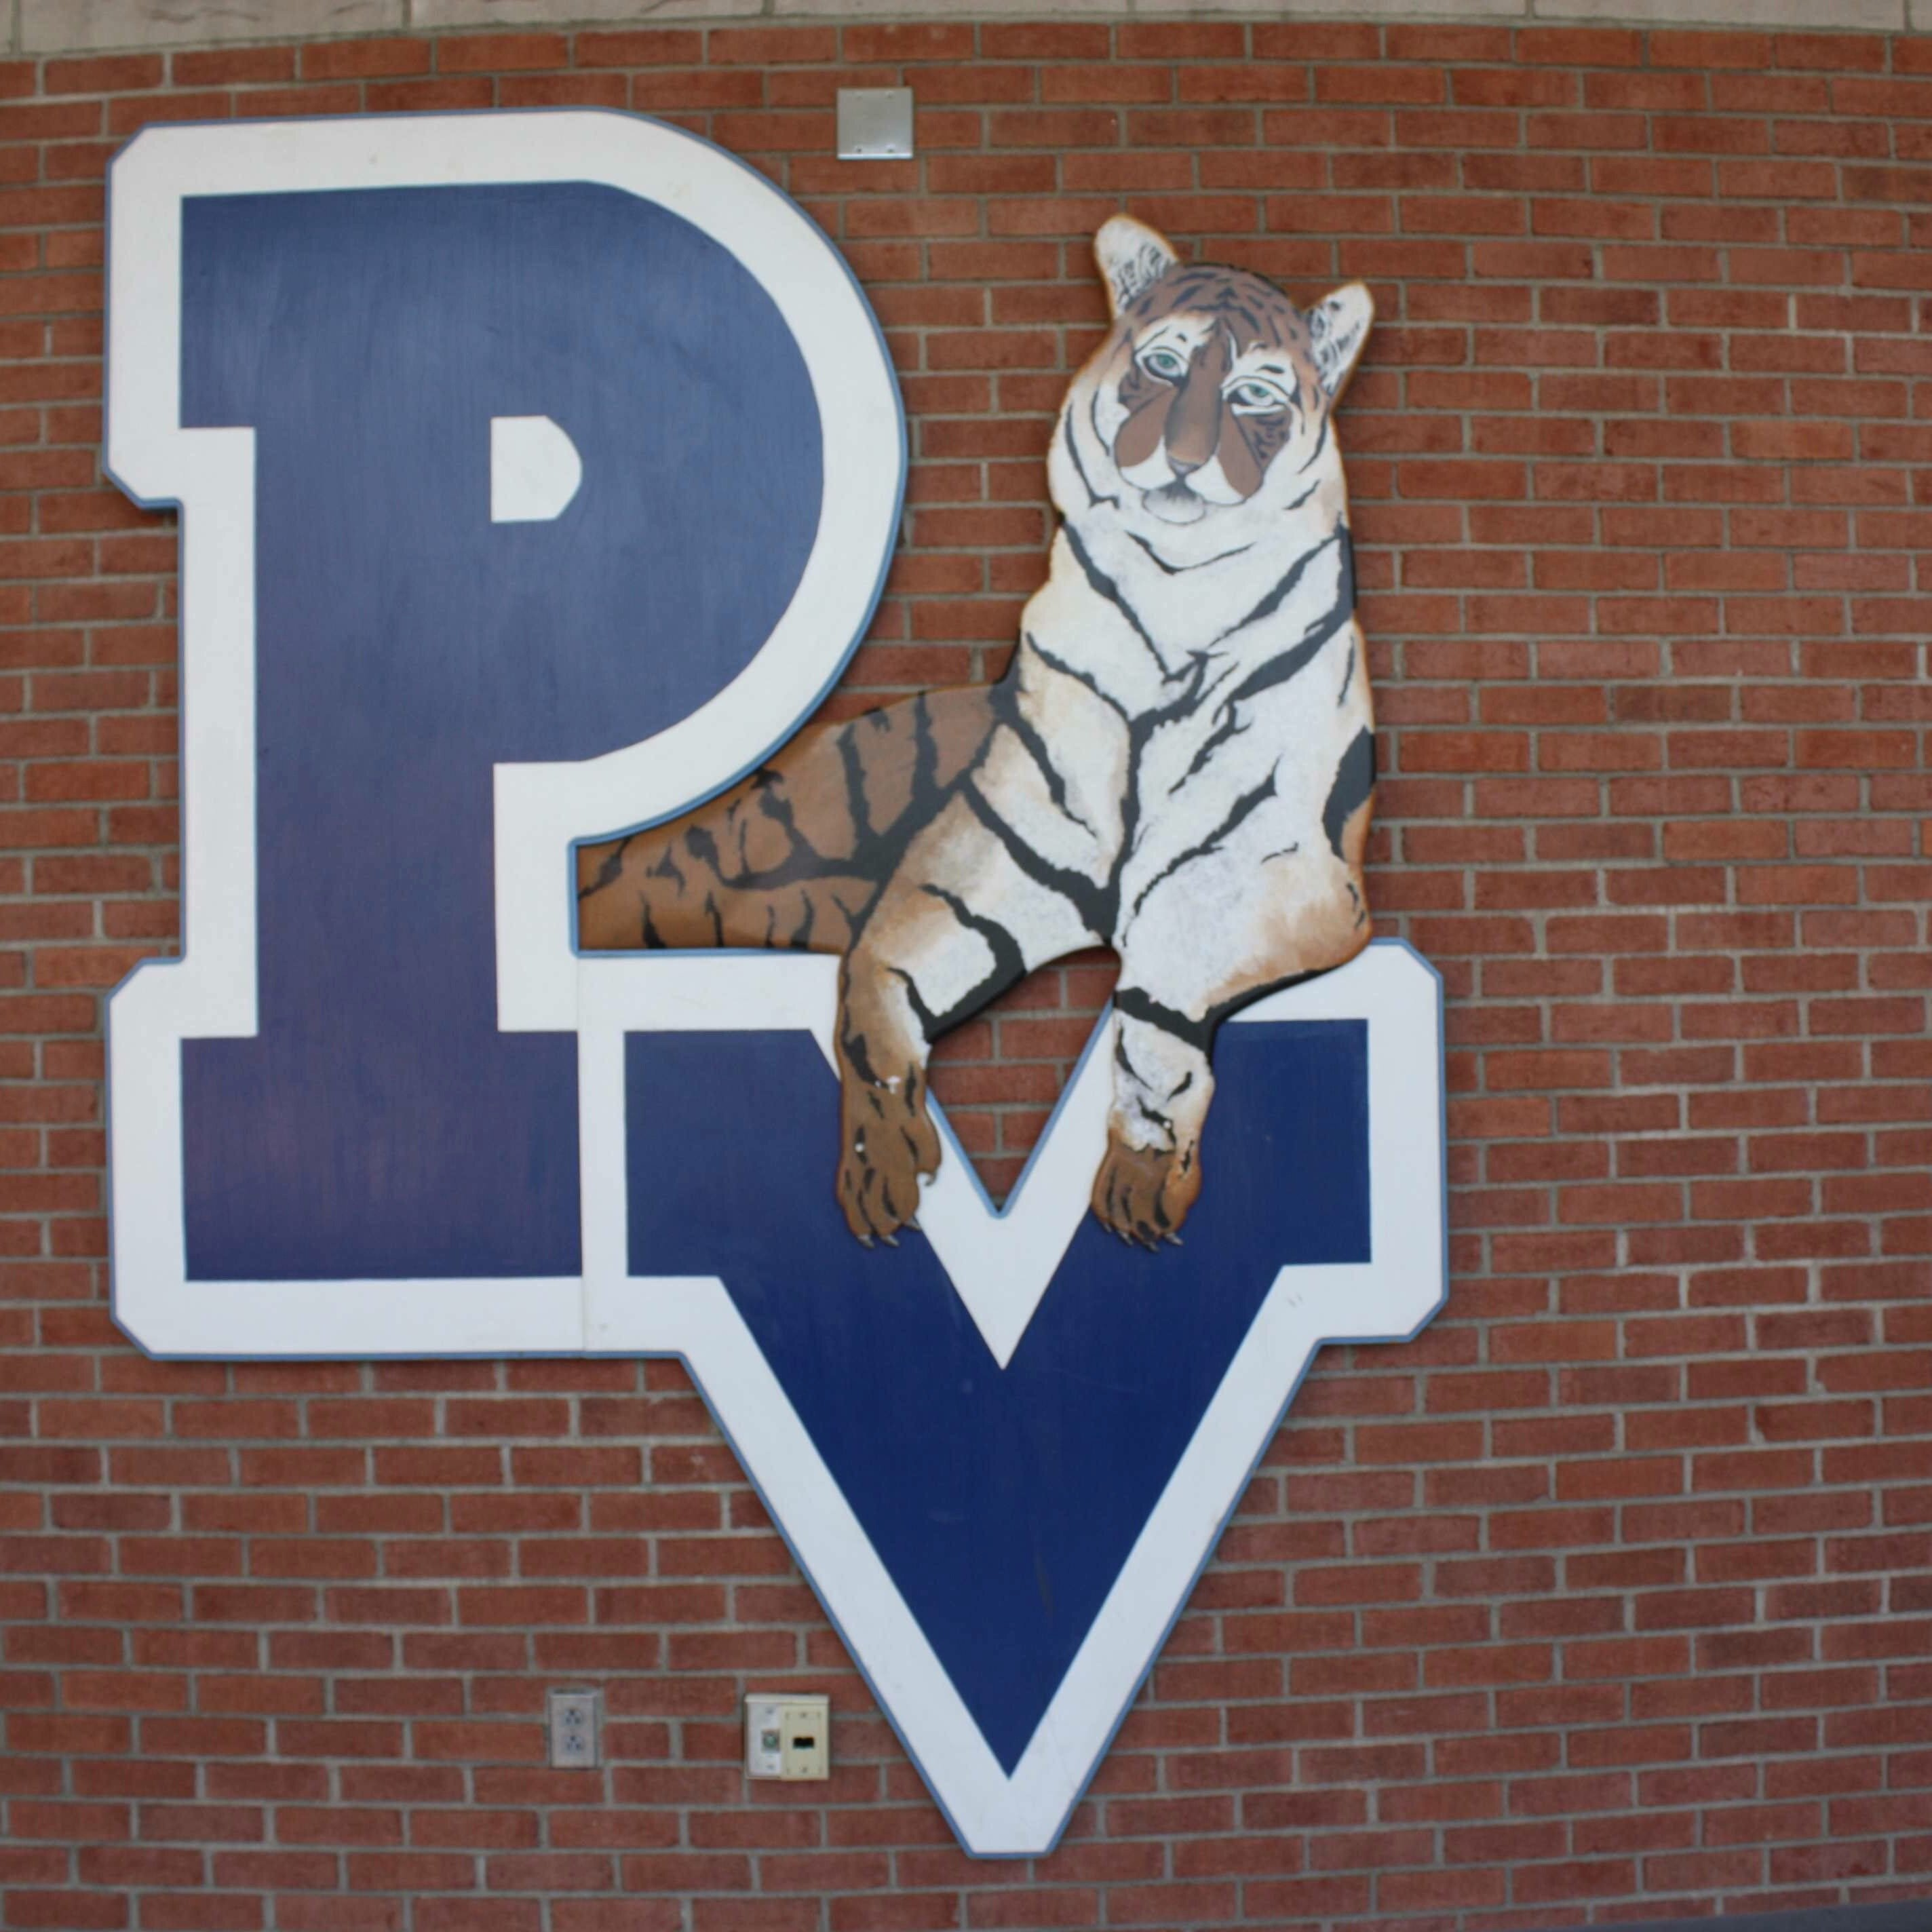 PutnamValleySchools